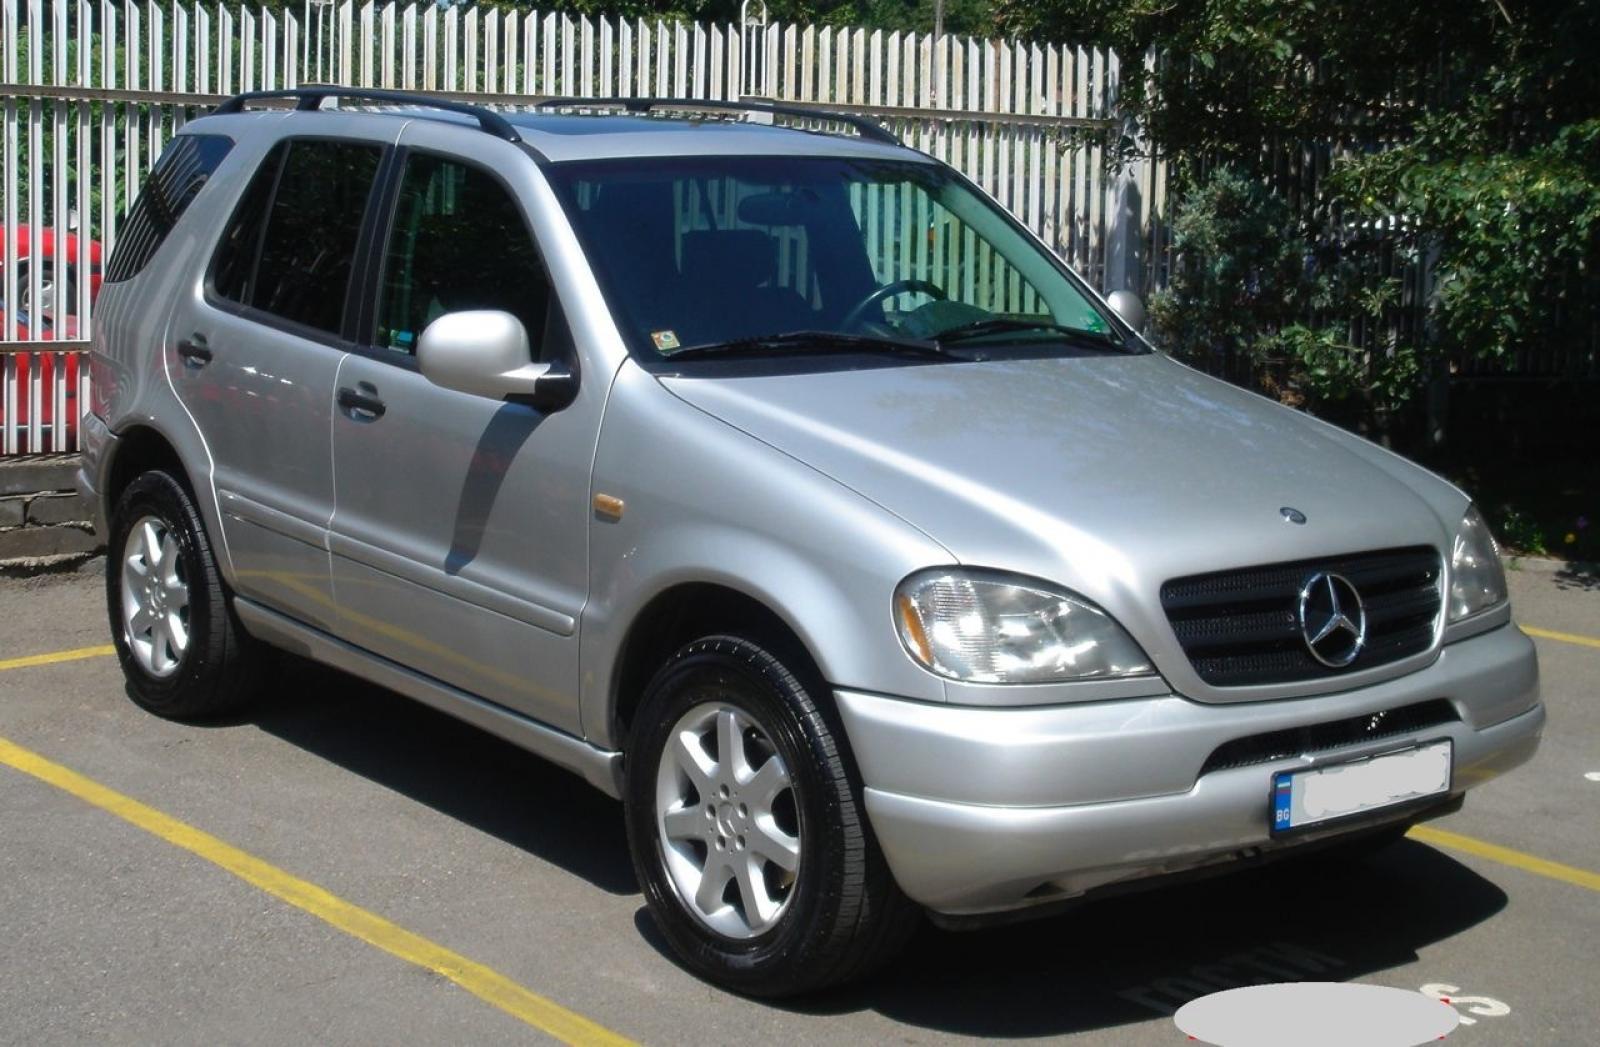 2001 Mercedes-Benz M-Class #1 800 1024 1280 1600 origin